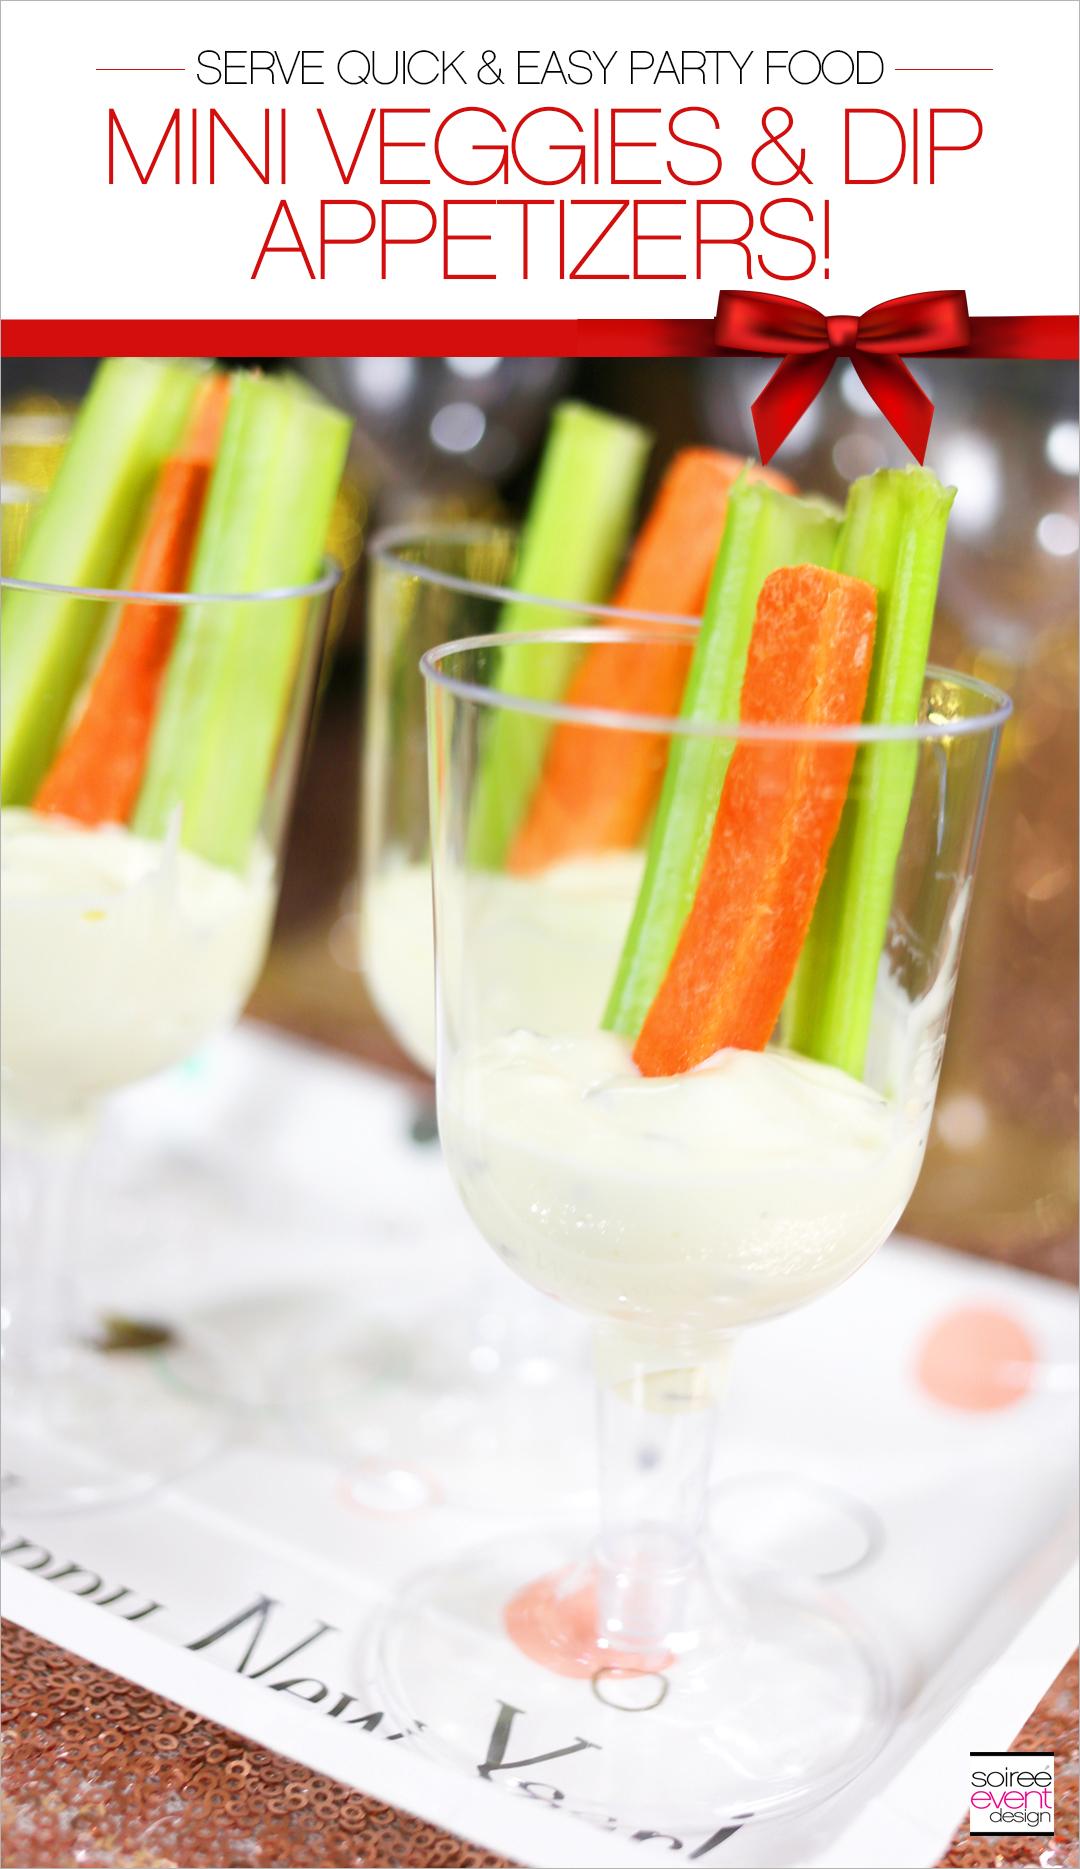 Mini Veggies and Dip Appetizers